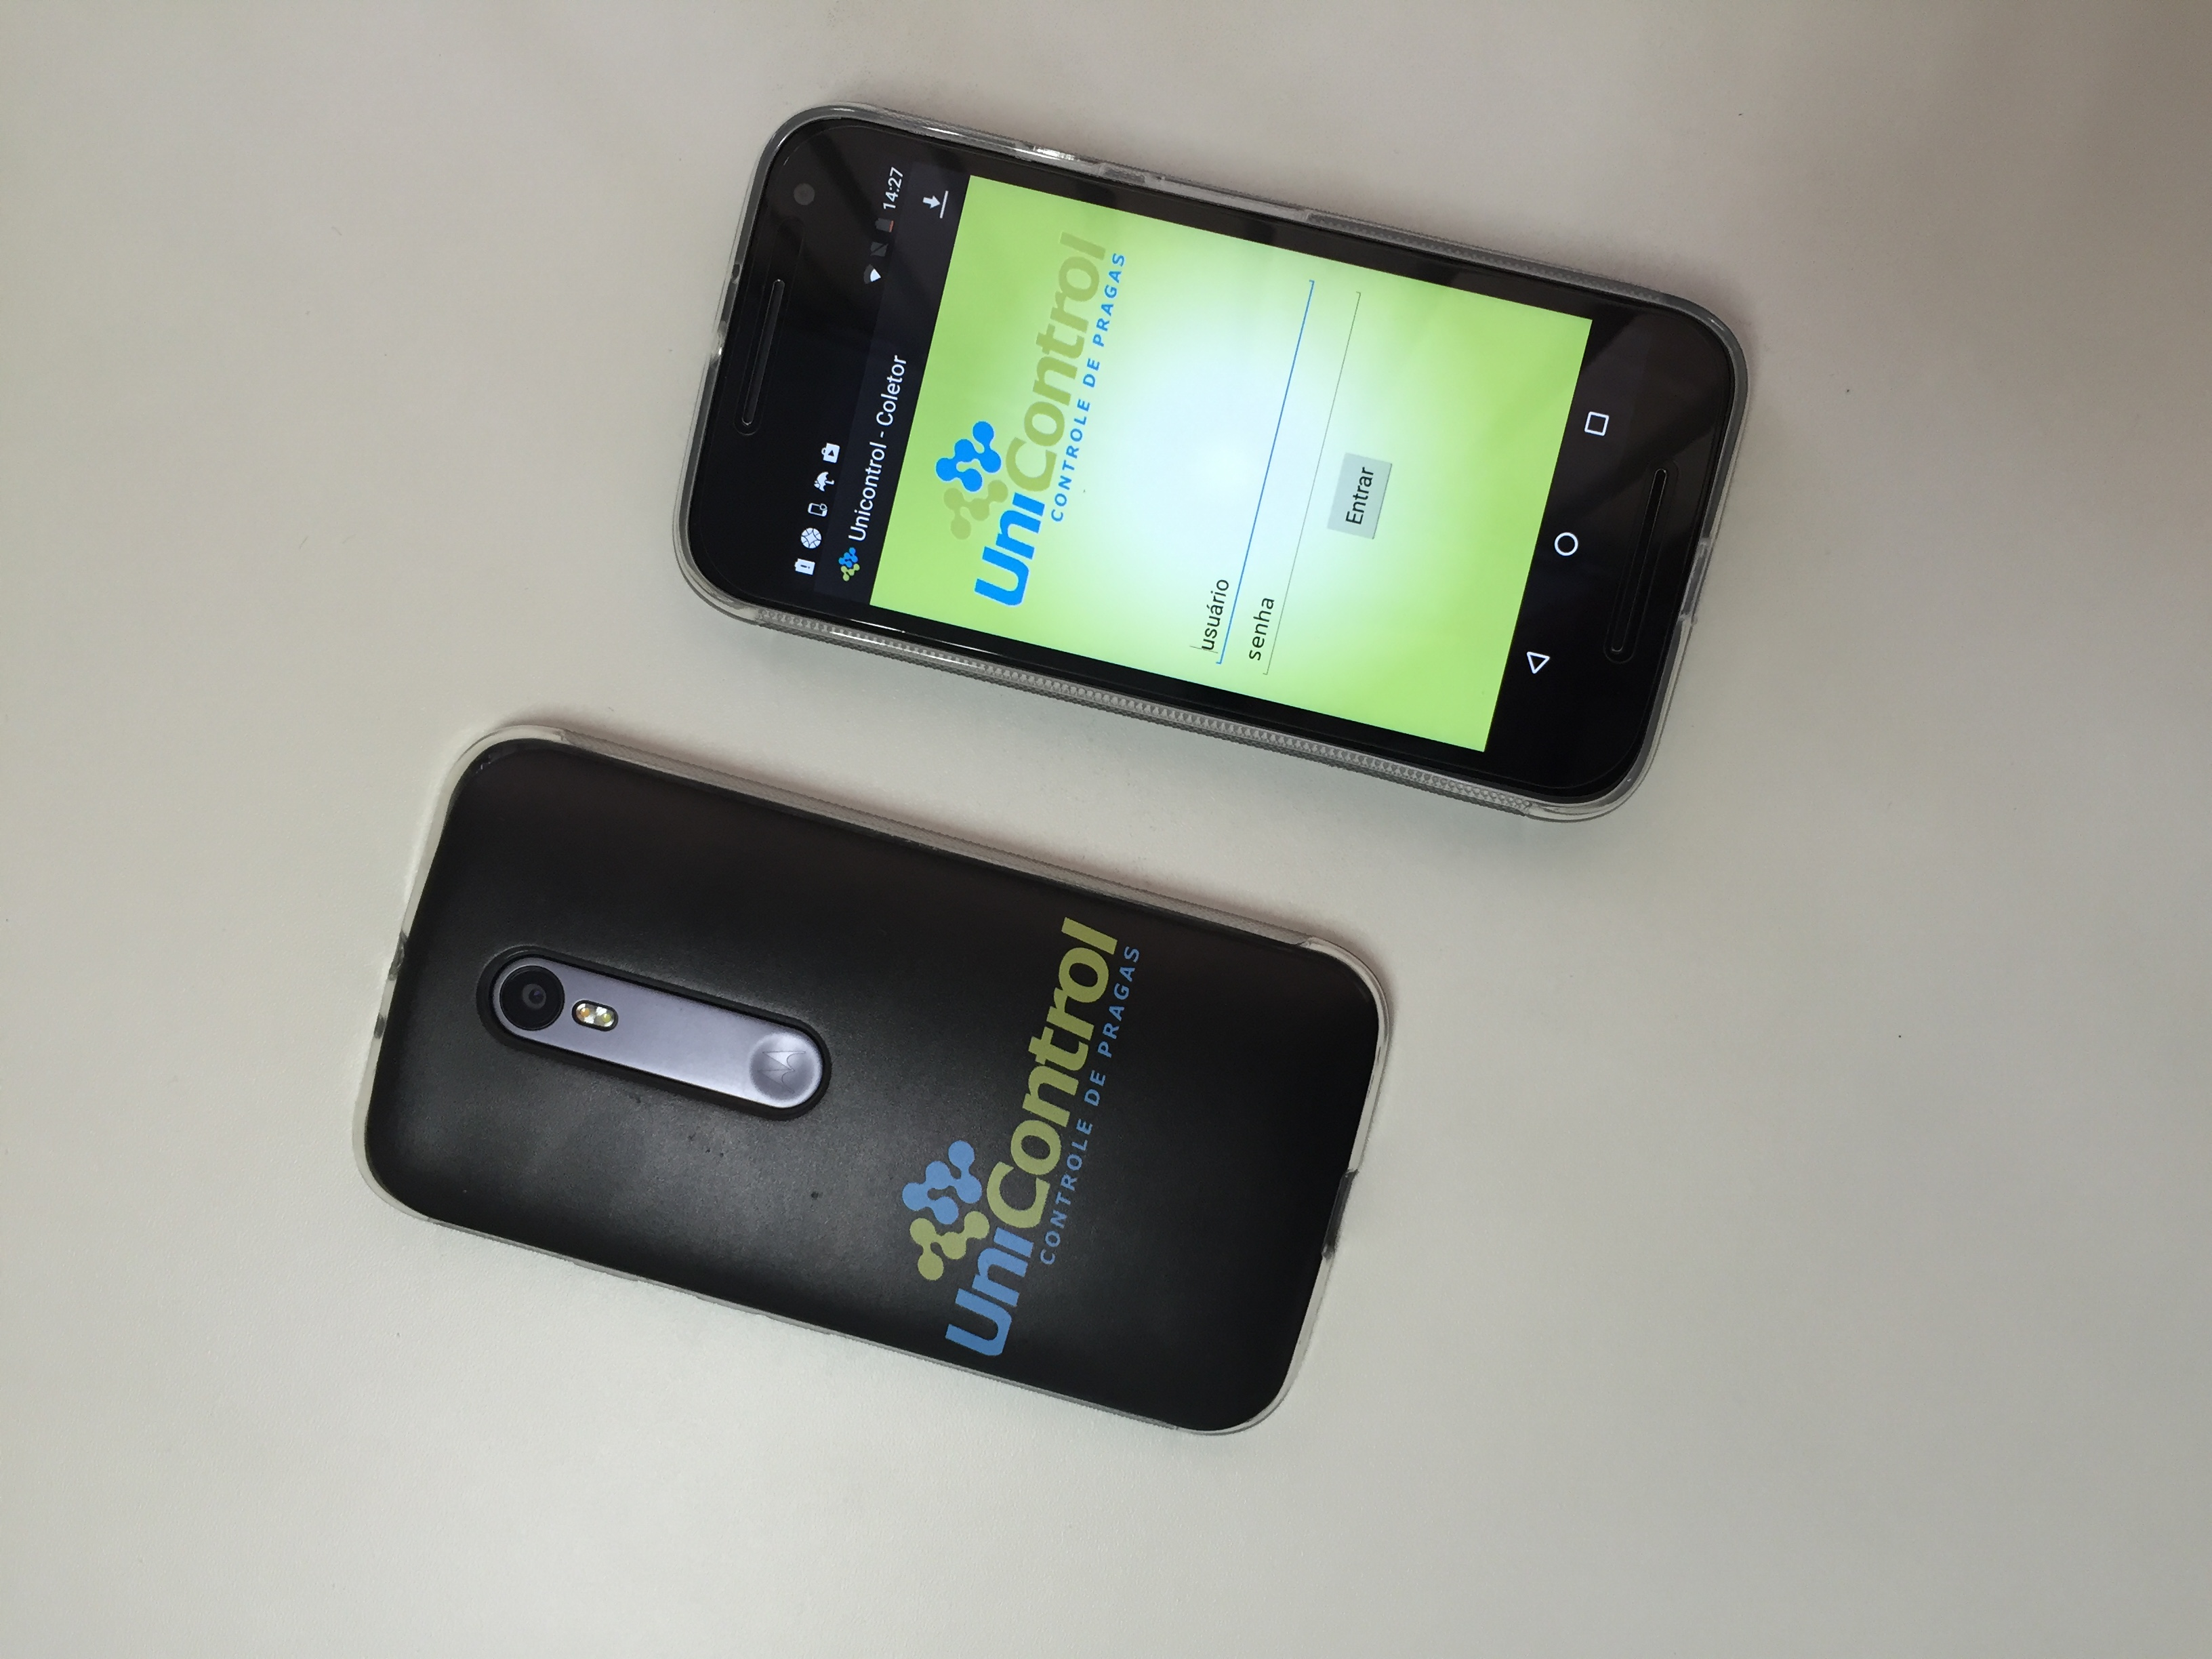 Novos smartphones da Unicontrol